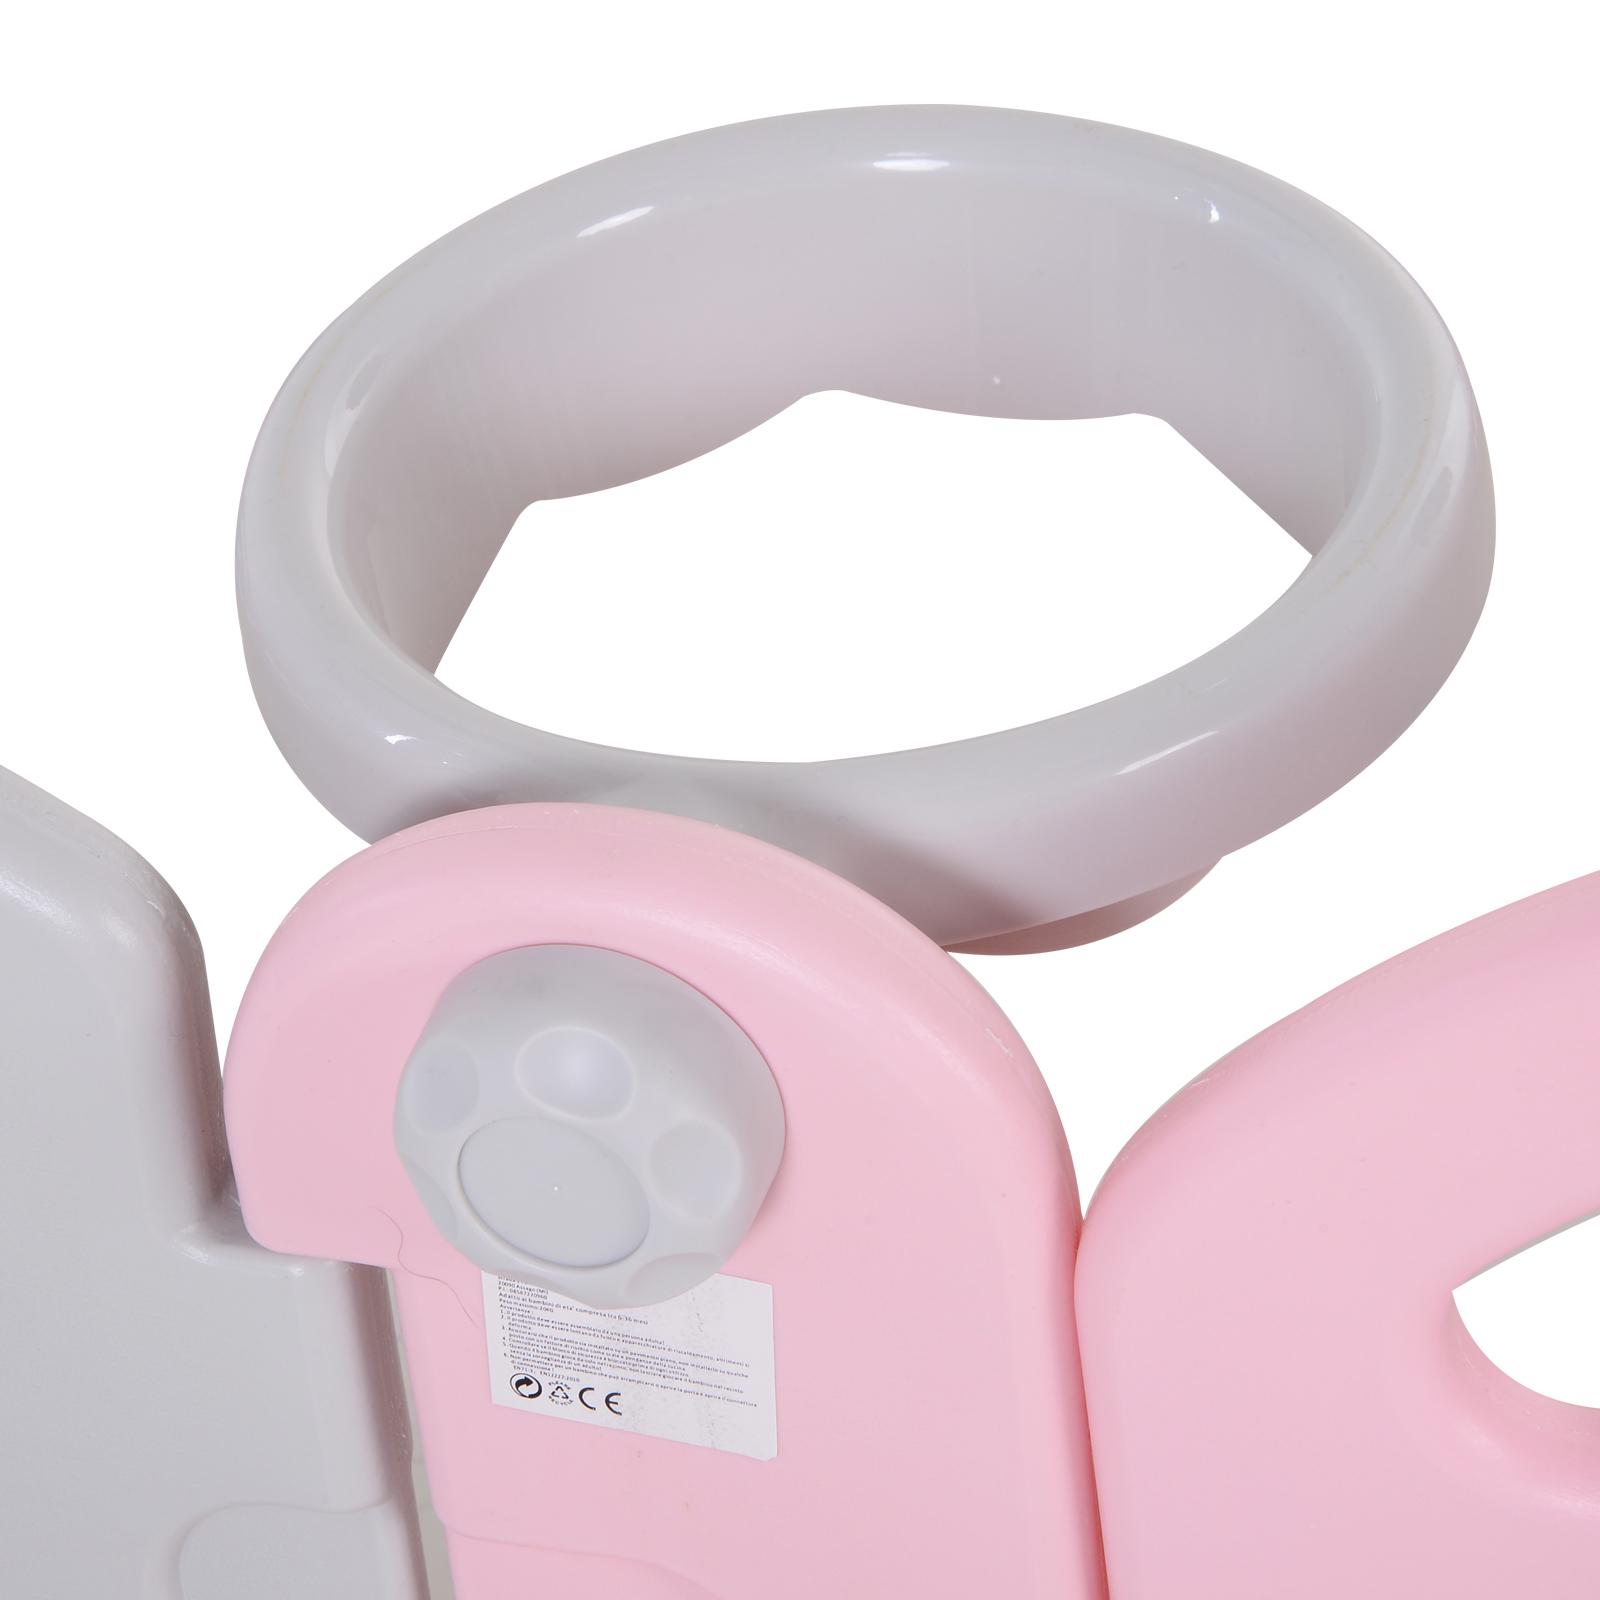 Qaba-14-Pcs-Safety-Children-Playpen-Pink-Game-Panel-Anti-Pushing-Over thumbnail 23